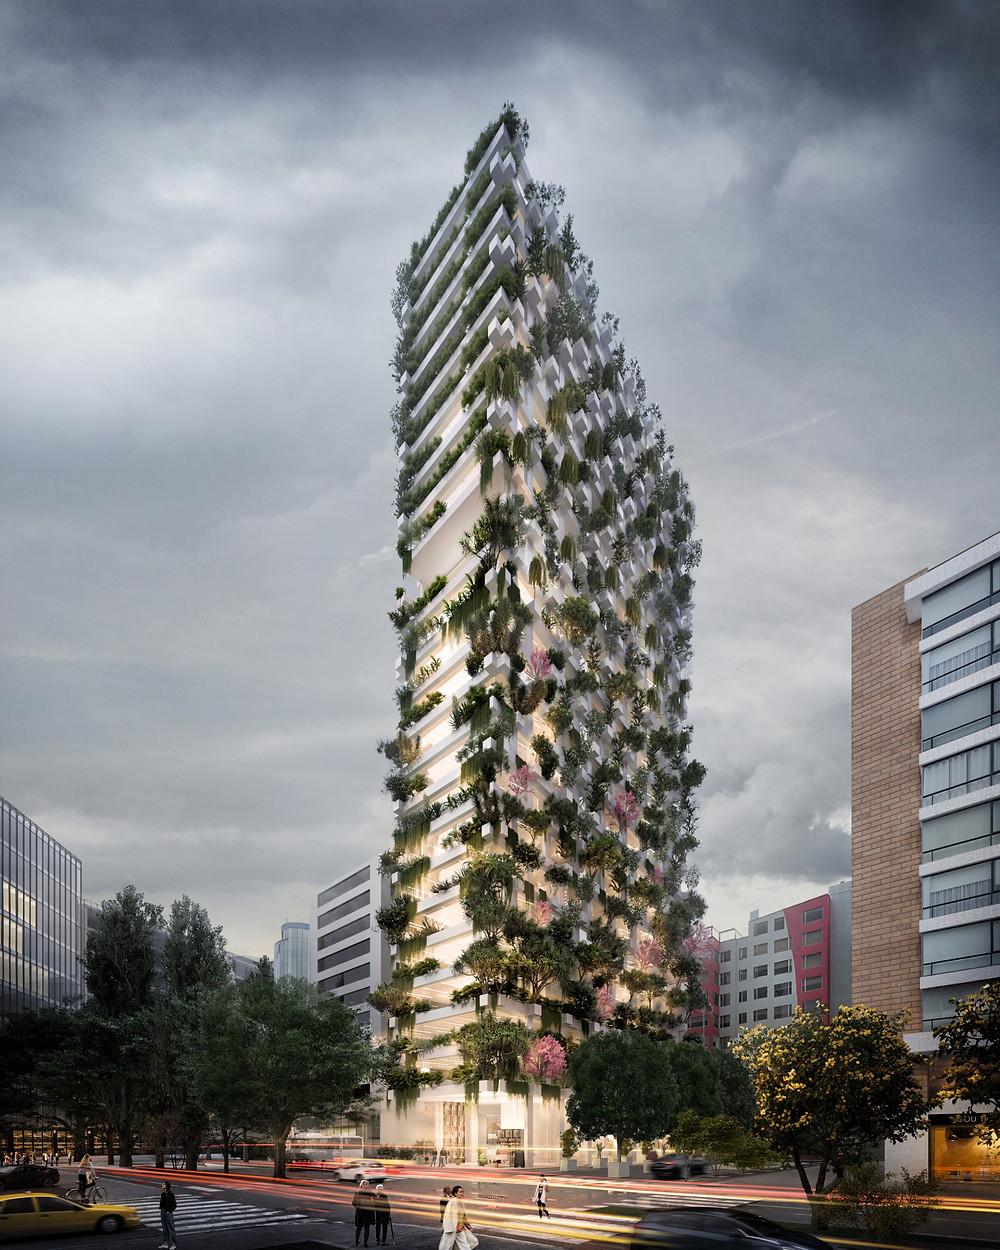 Torre moderna y ecoeficiente. Su fachada se compone de unos elementos constructivos a modo de maceteros, contenedores de la vegetación.